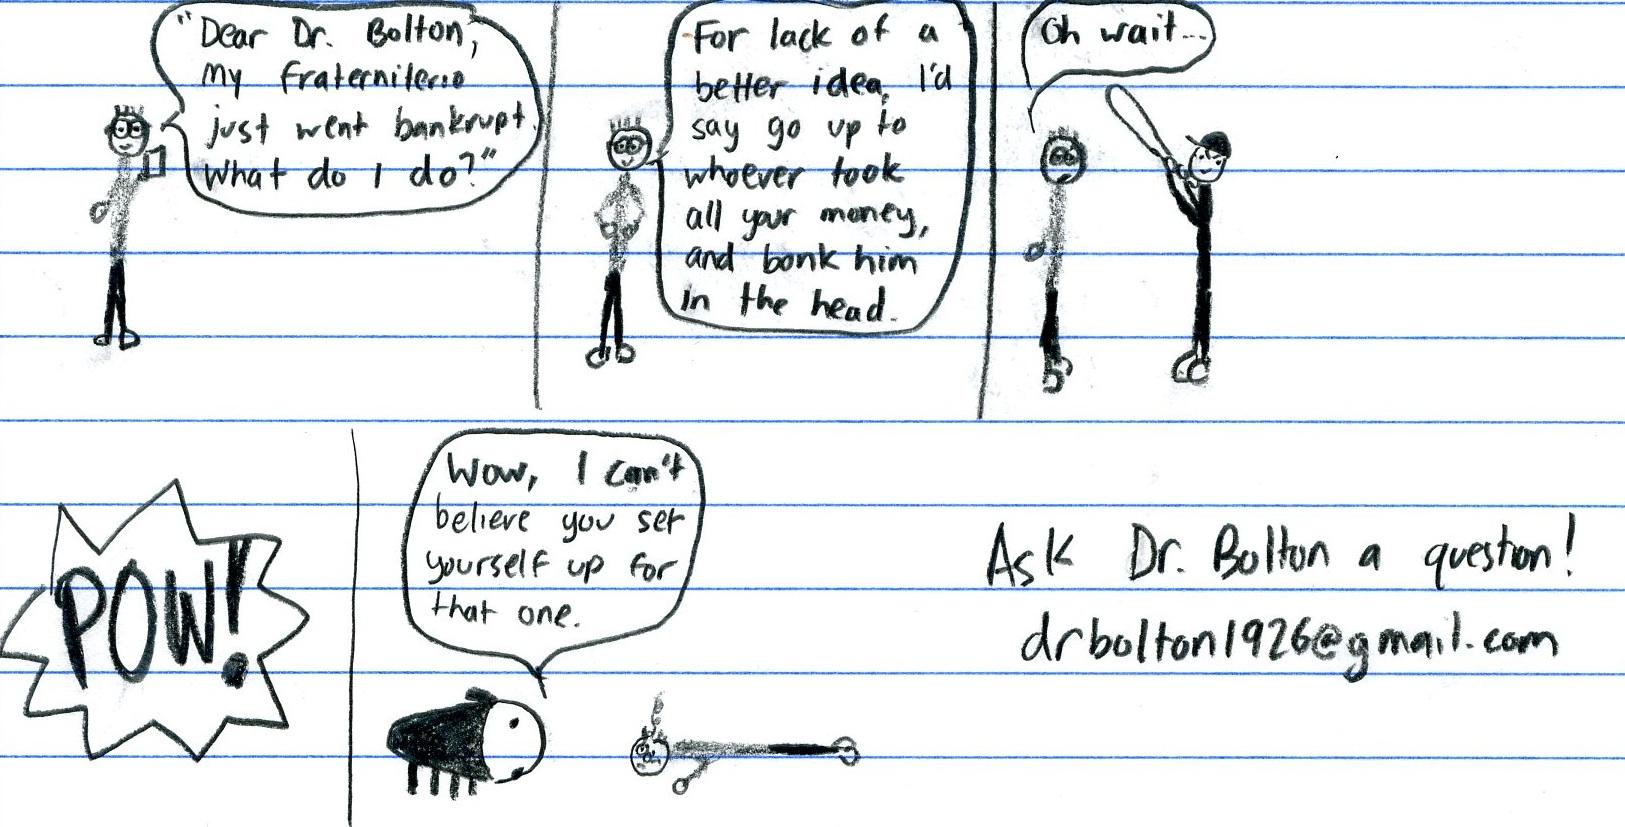 Dr. Bolton - Bankrupt